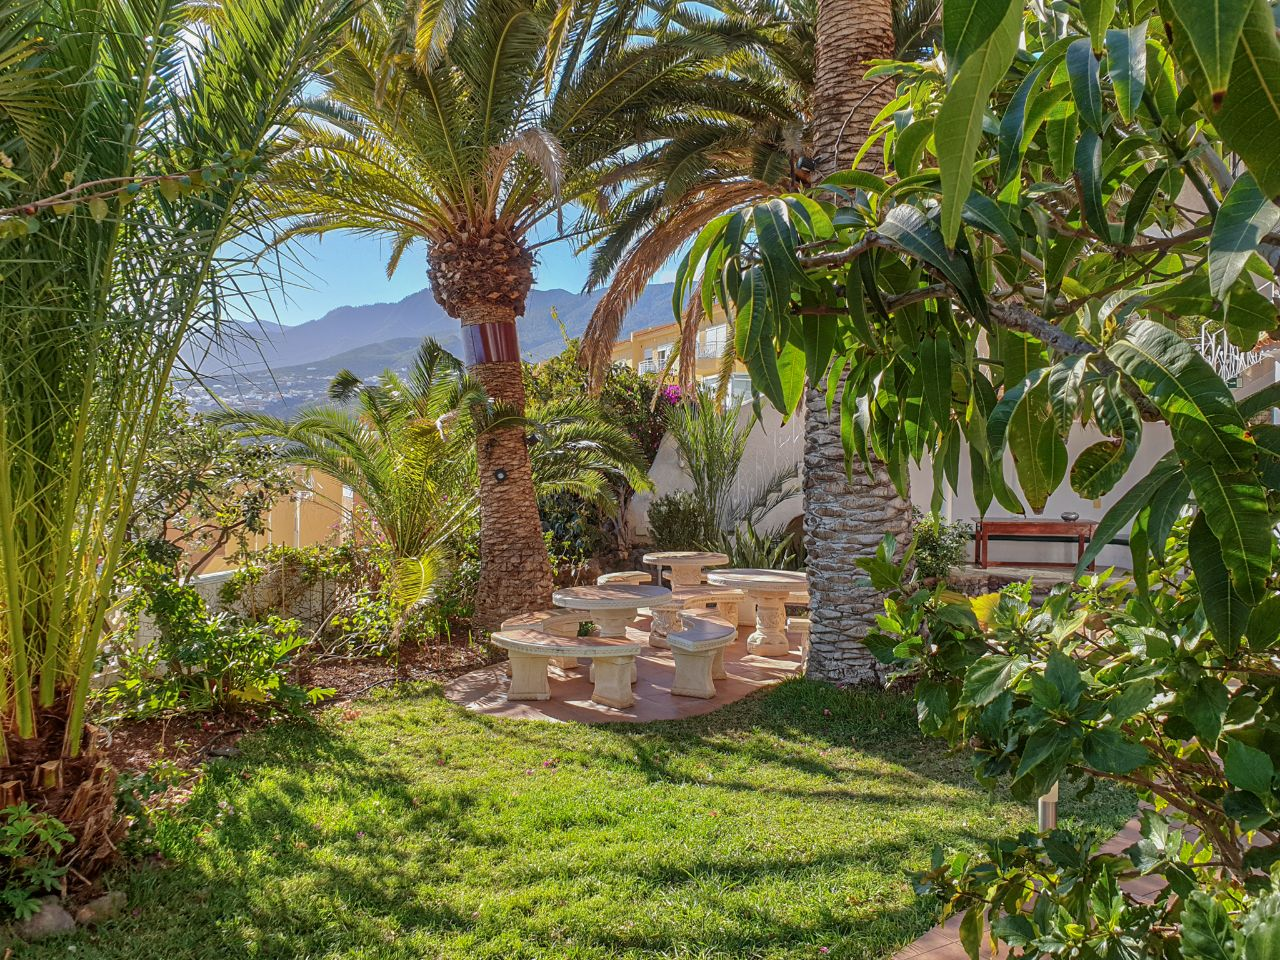 Castillo Moro Garden